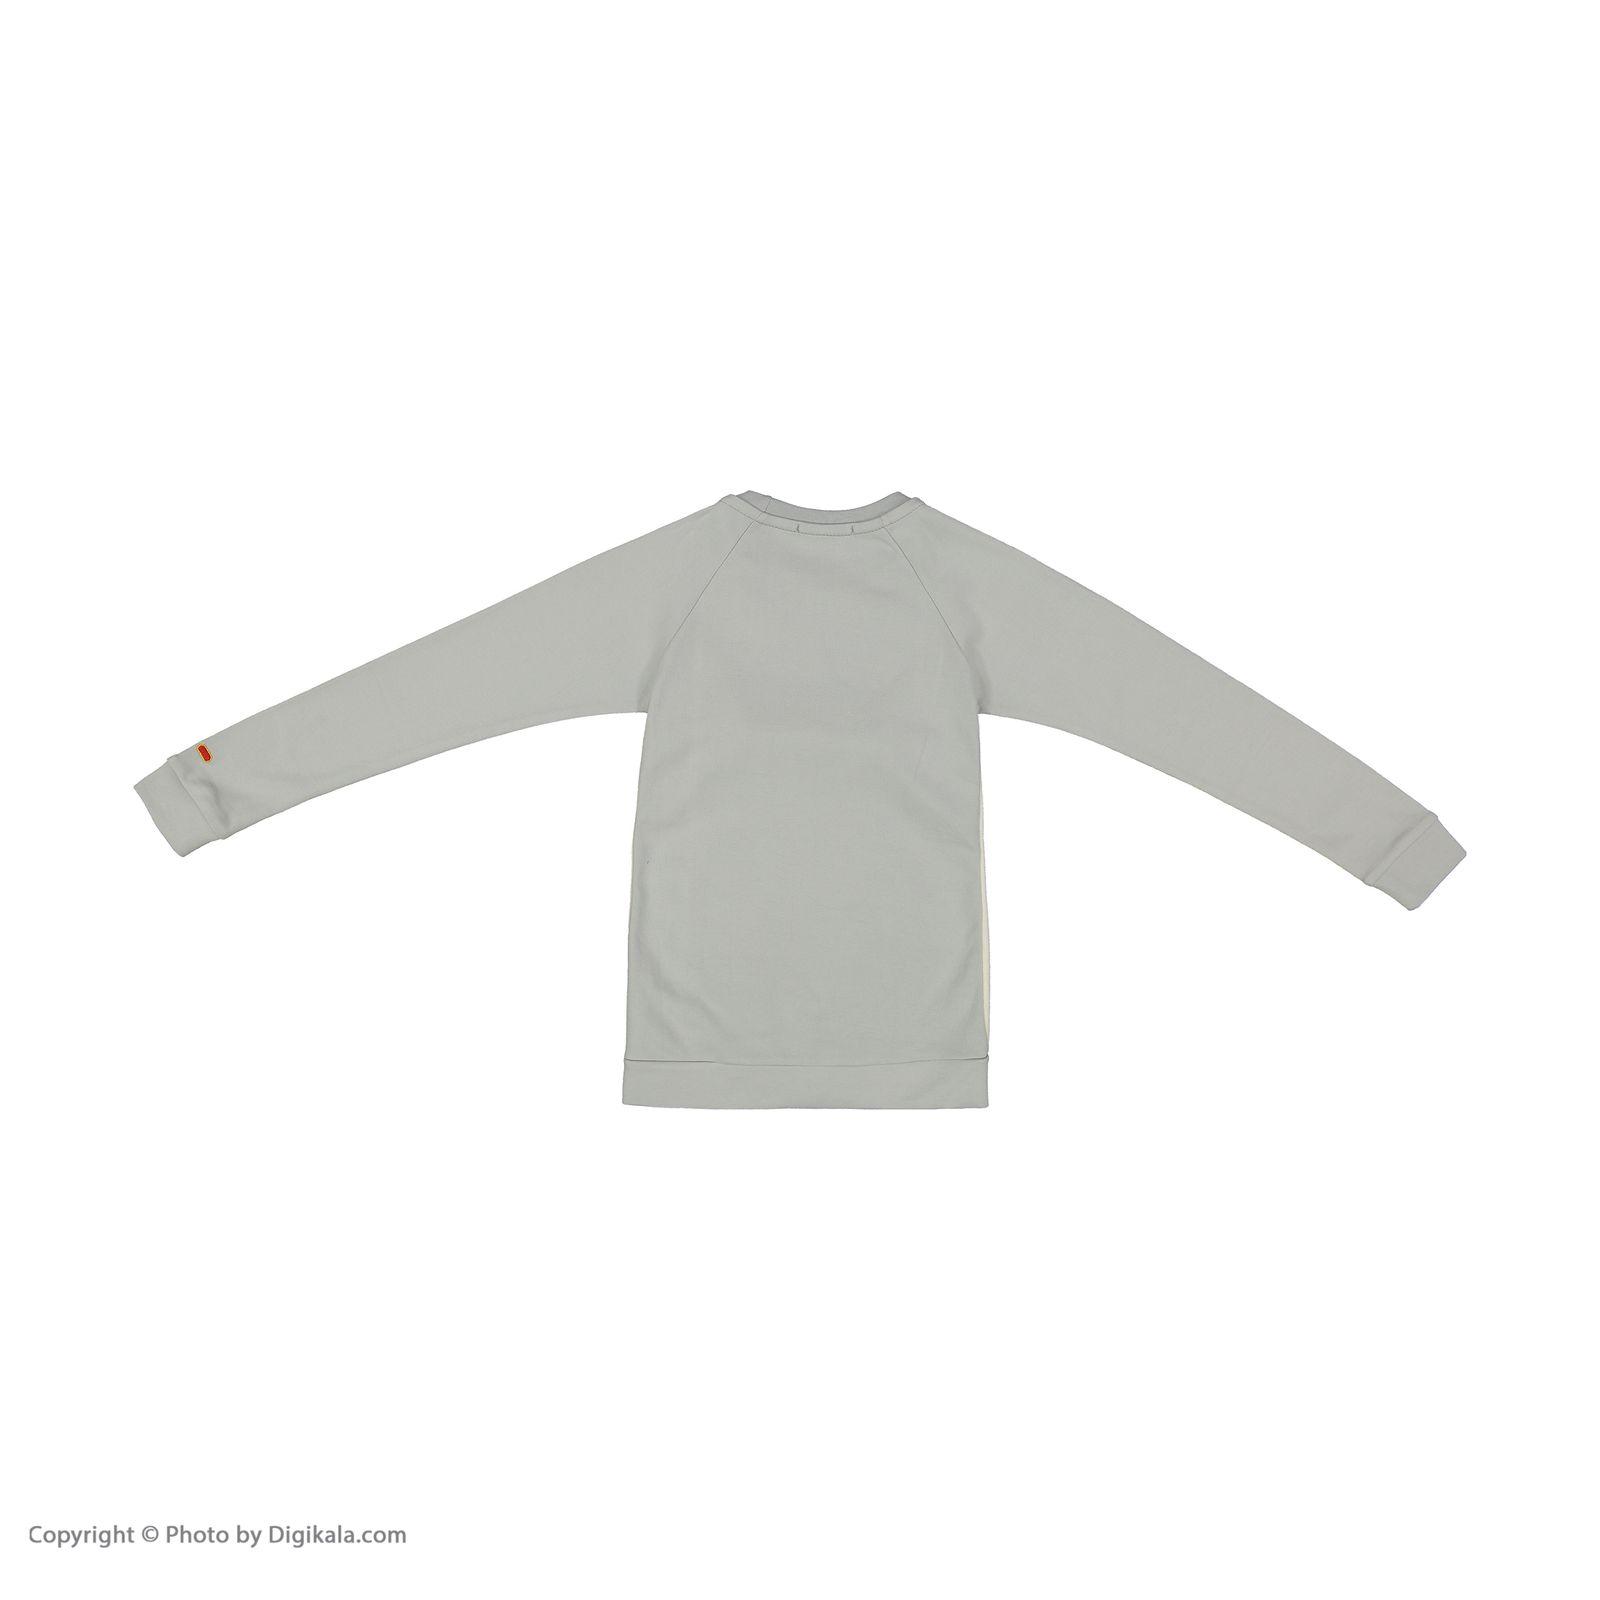 ست تی شرت و شلوار دخترانه مادر مدل VitaraGray-93 main 1 3